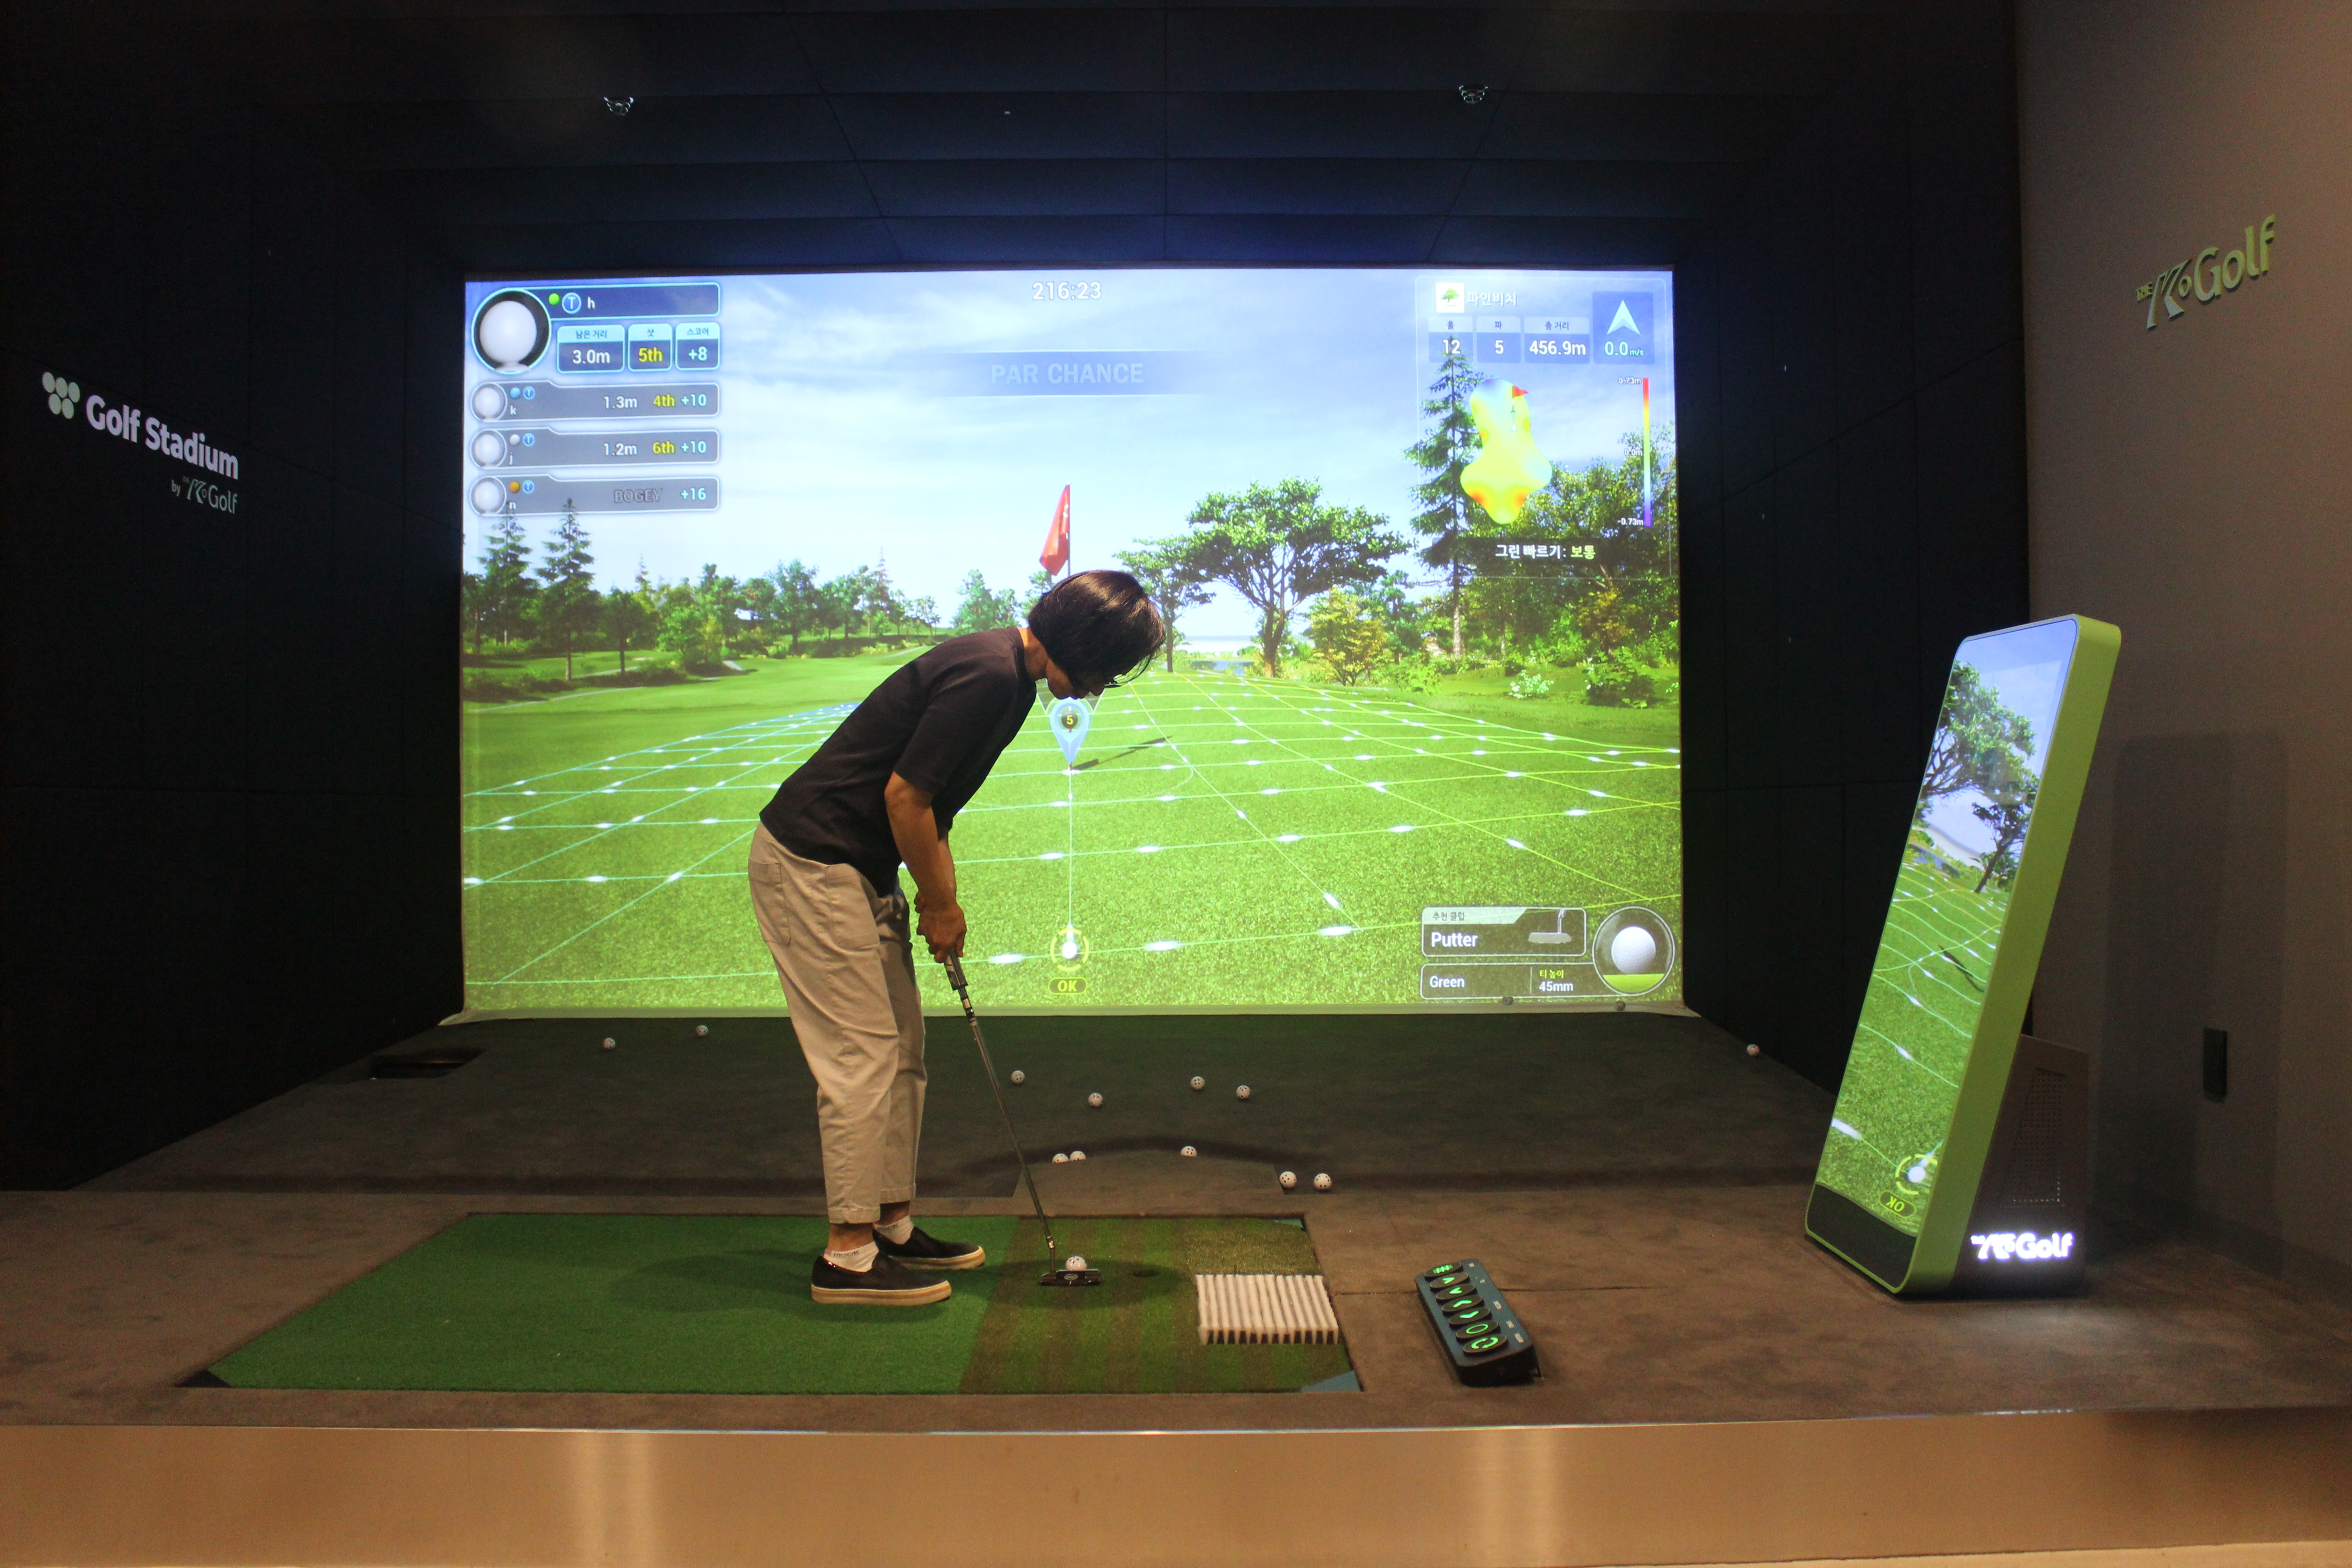 <스페셜 인터뷰> 새로운 골프 문화를 개척하는 골프스타디움